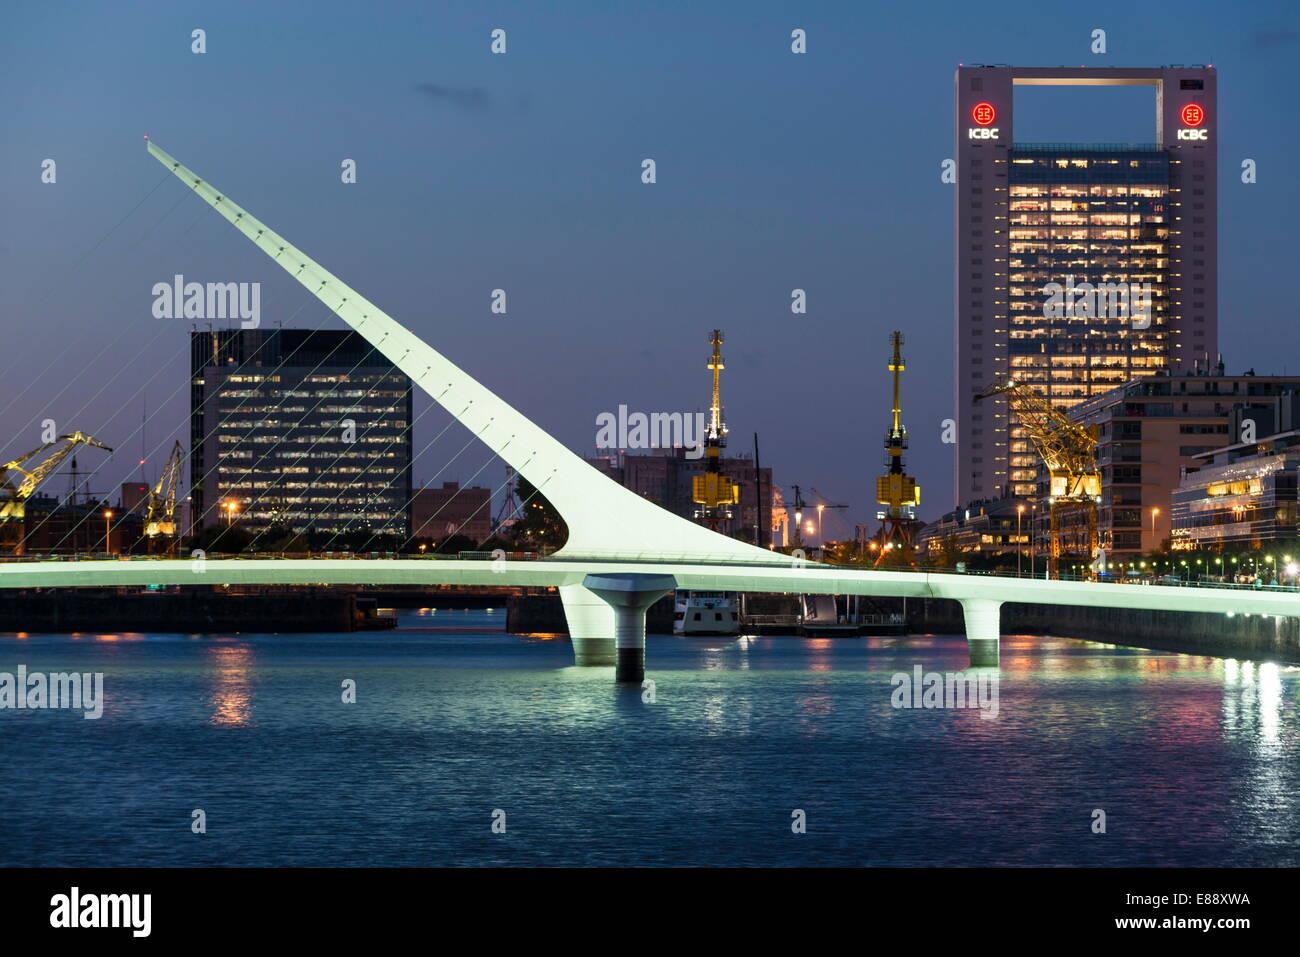 Puente de la Mujer (Ponte della donna) al tramonto, a Puerto Madero Buenos Aires, Argentina, Sud America Immagini Stock